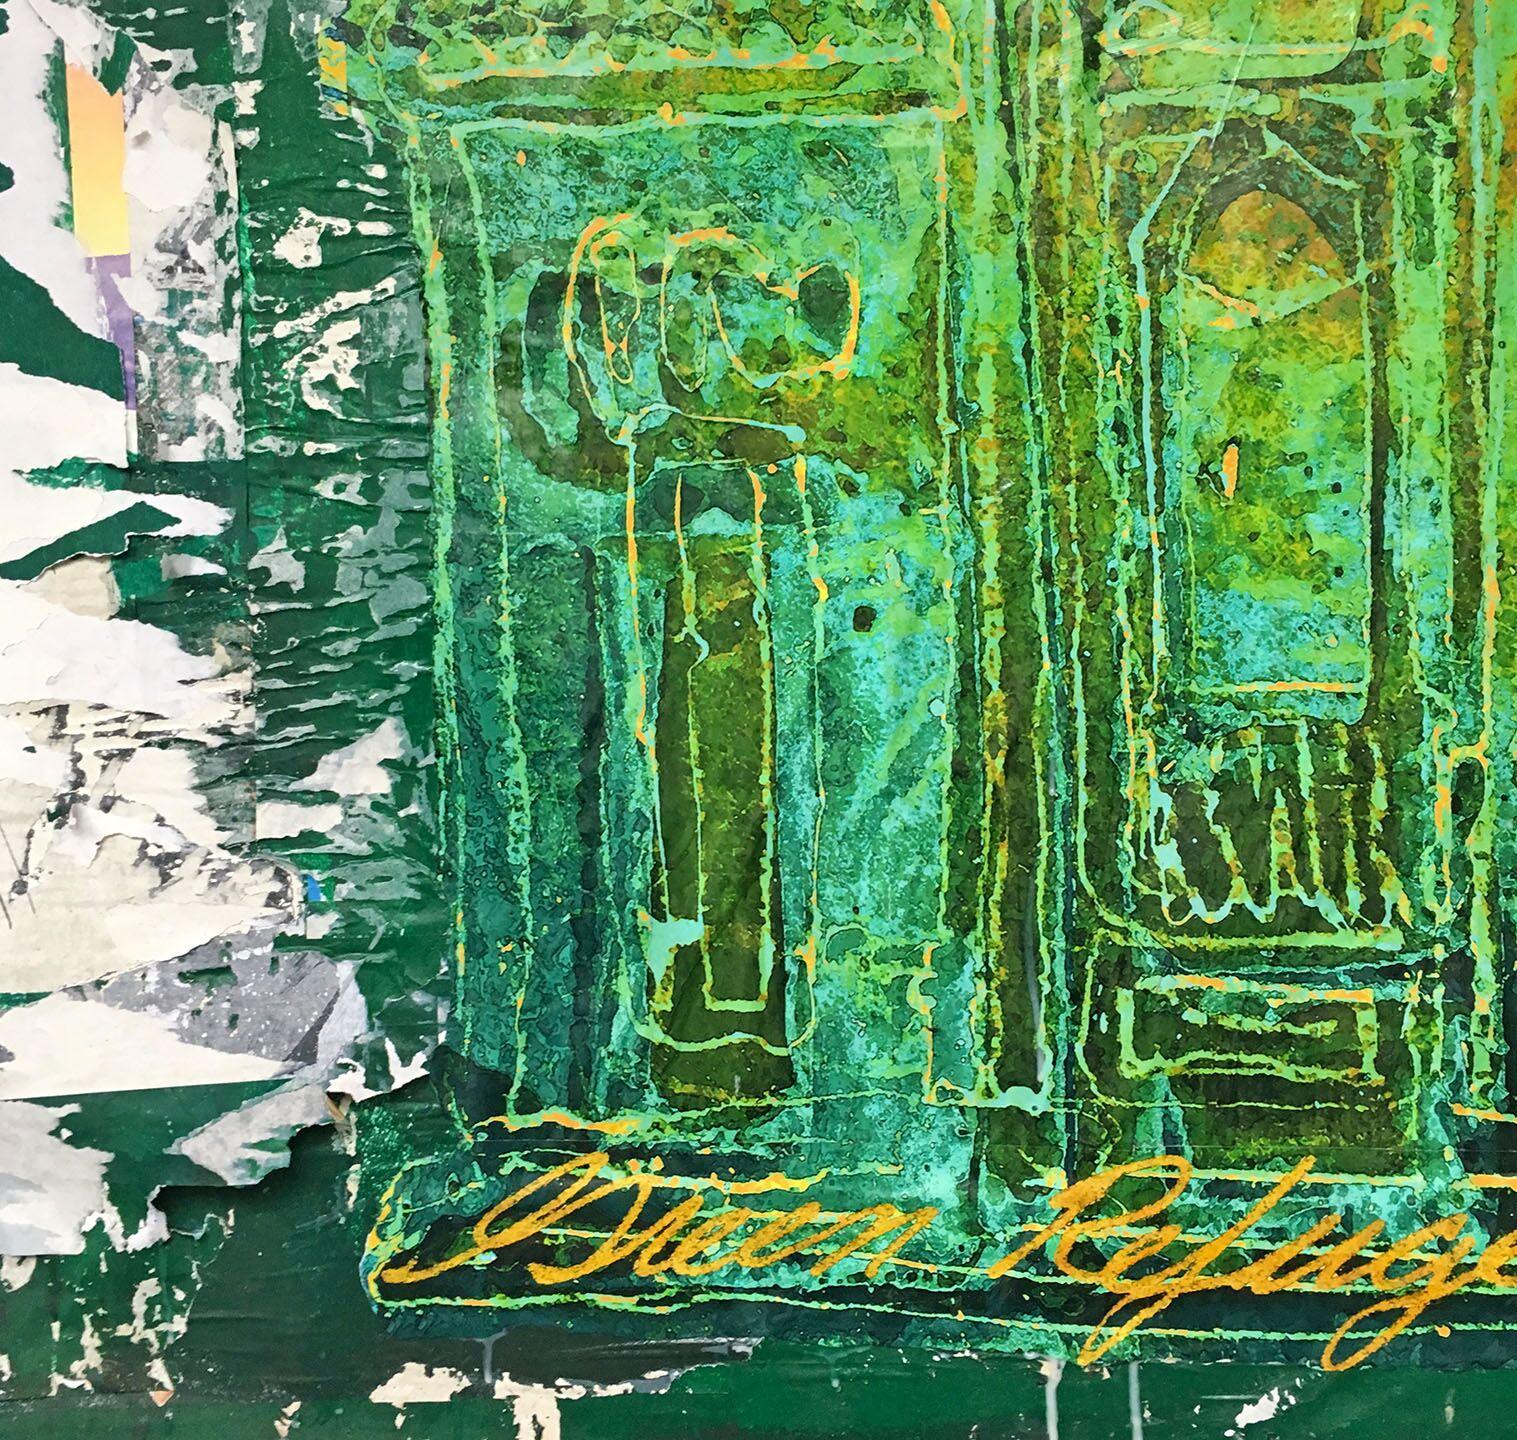 Green Refuge (detail), Spring St., NYC